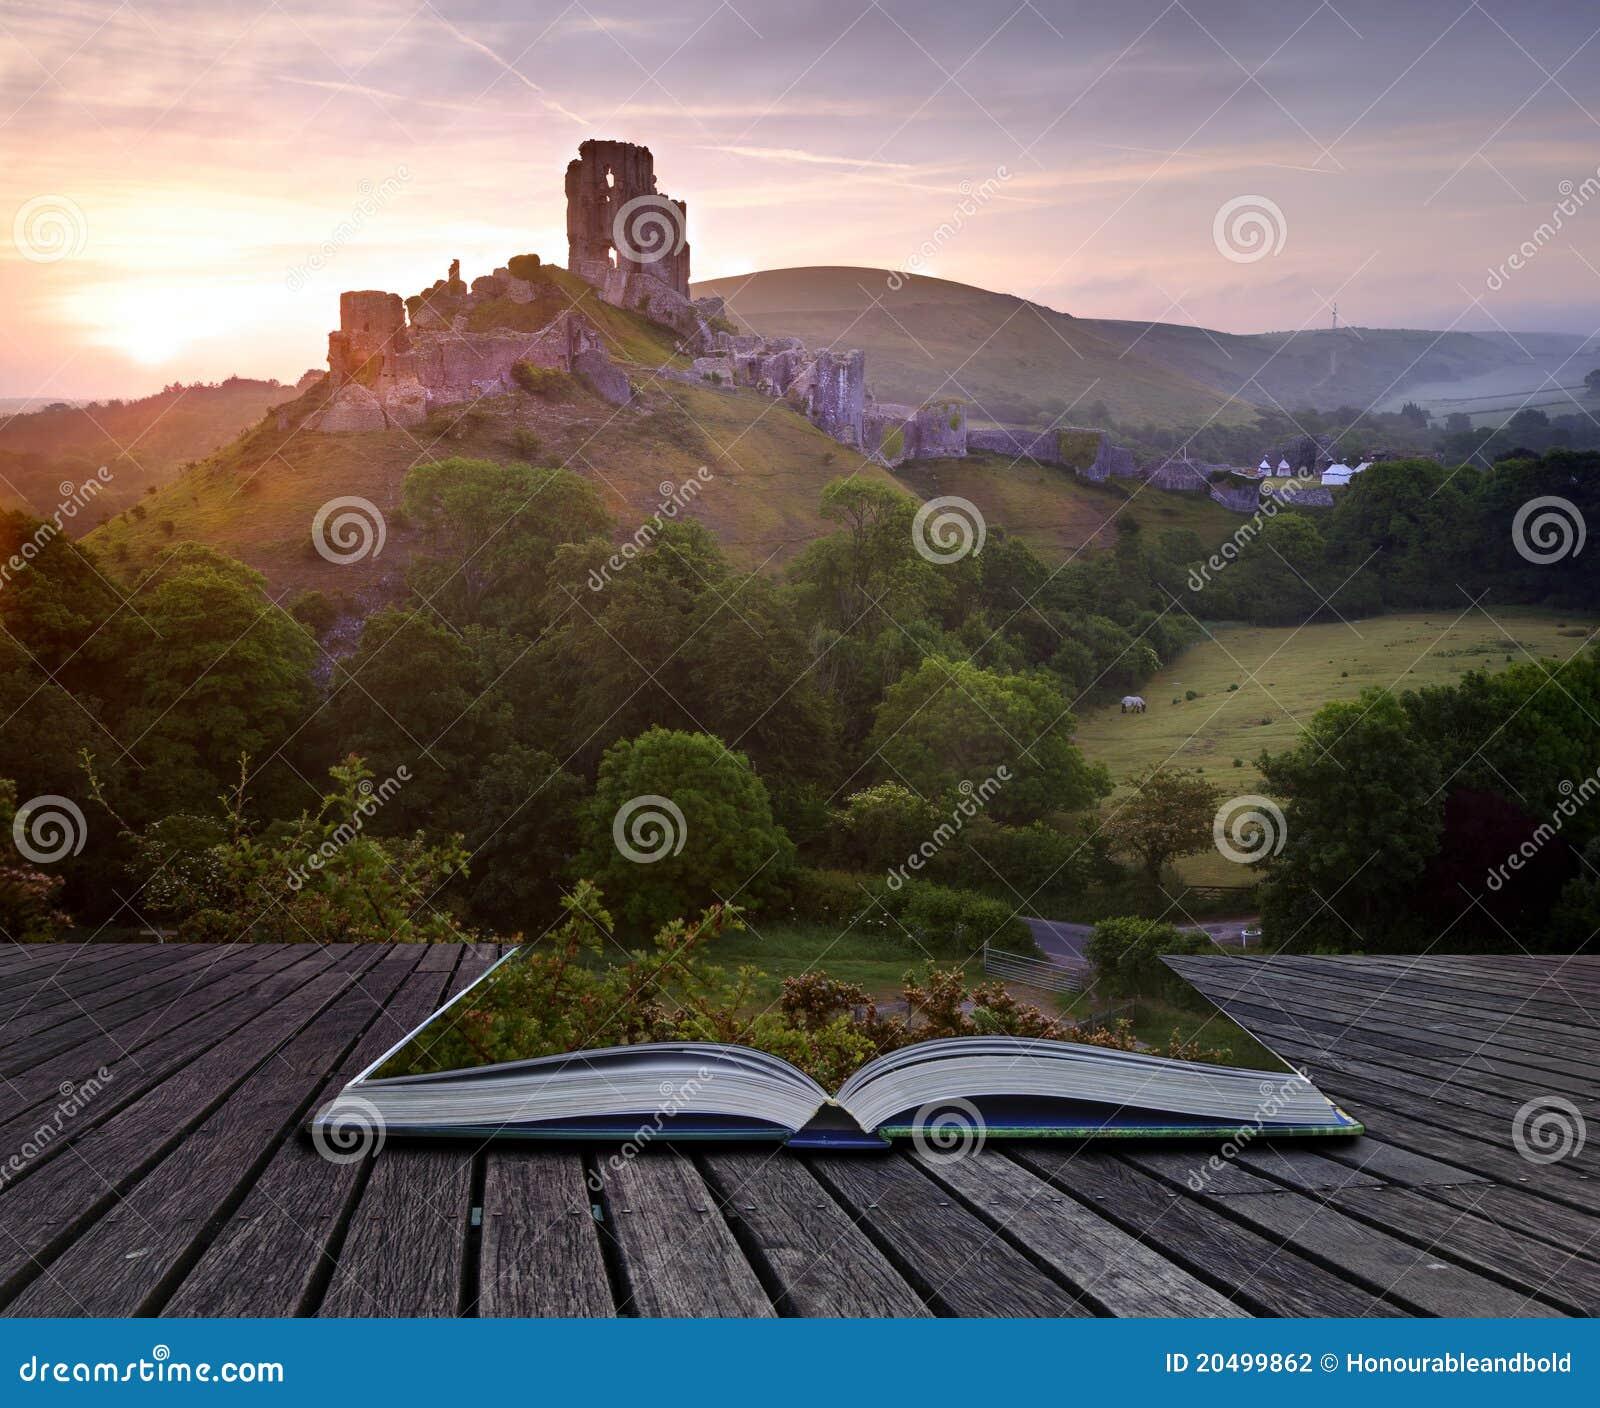 Creative concept of romantic castle landscape